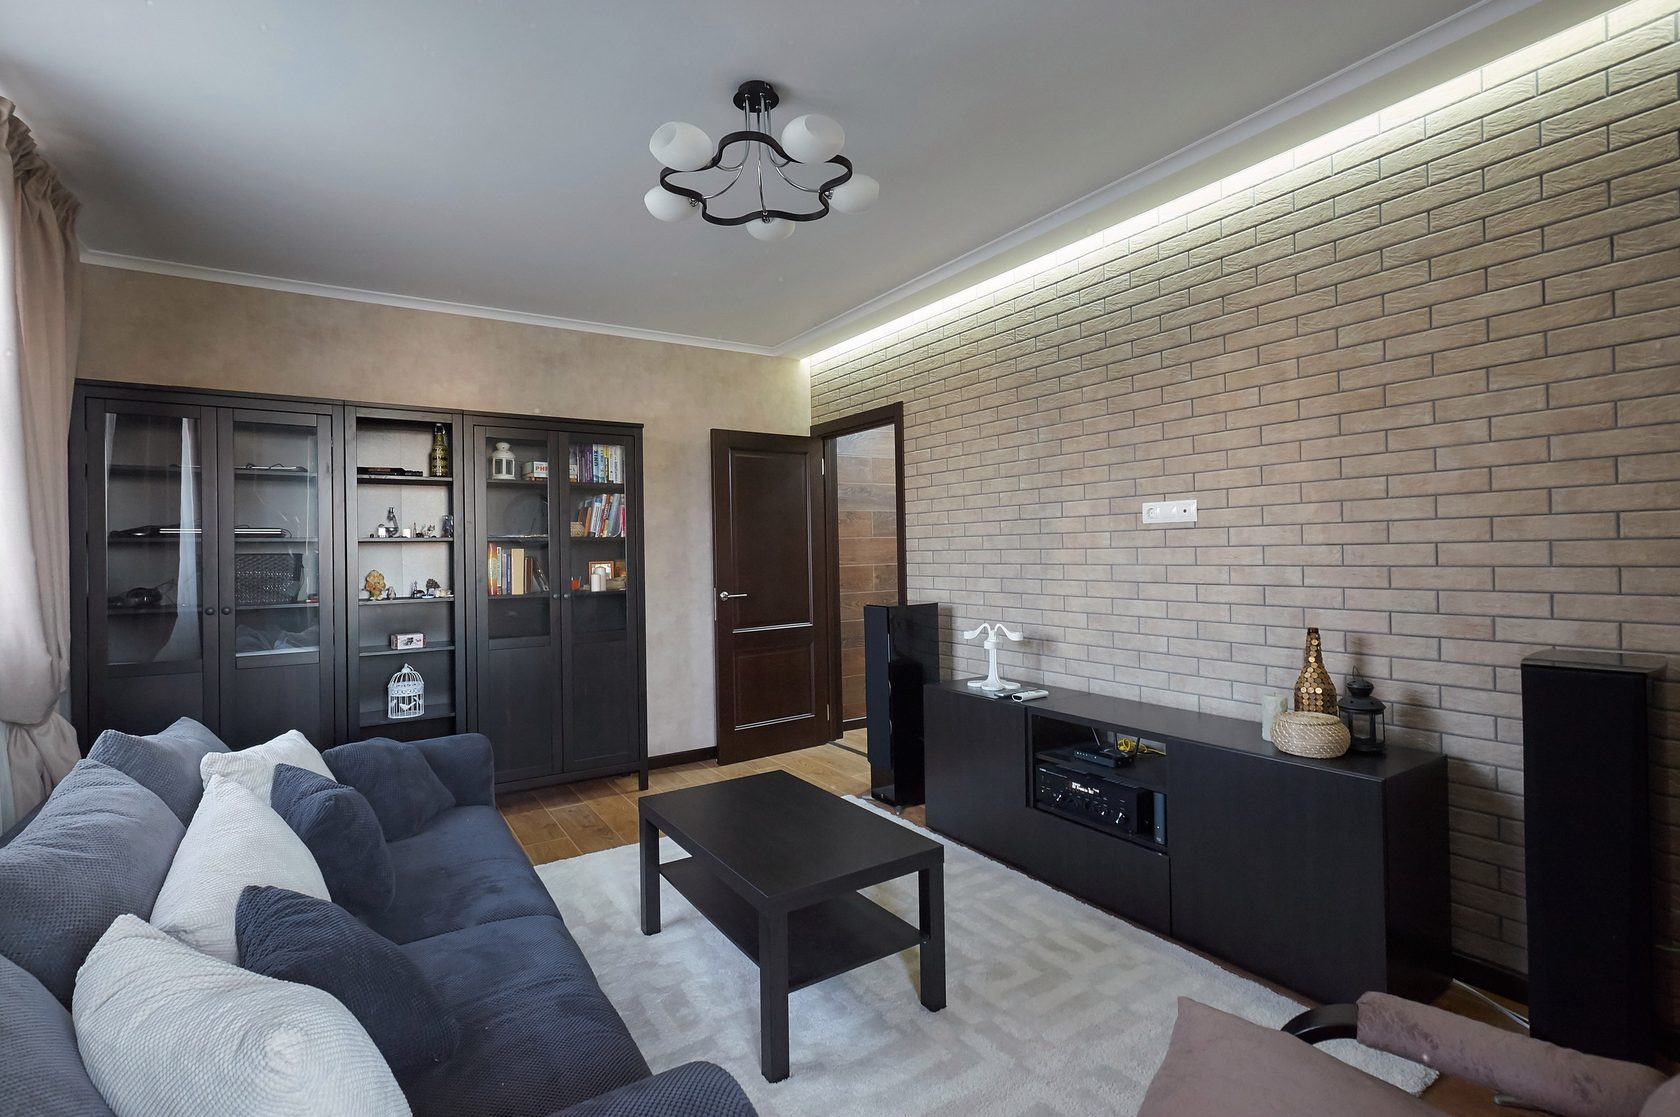 Ремонт квартиры с дизайн проектом